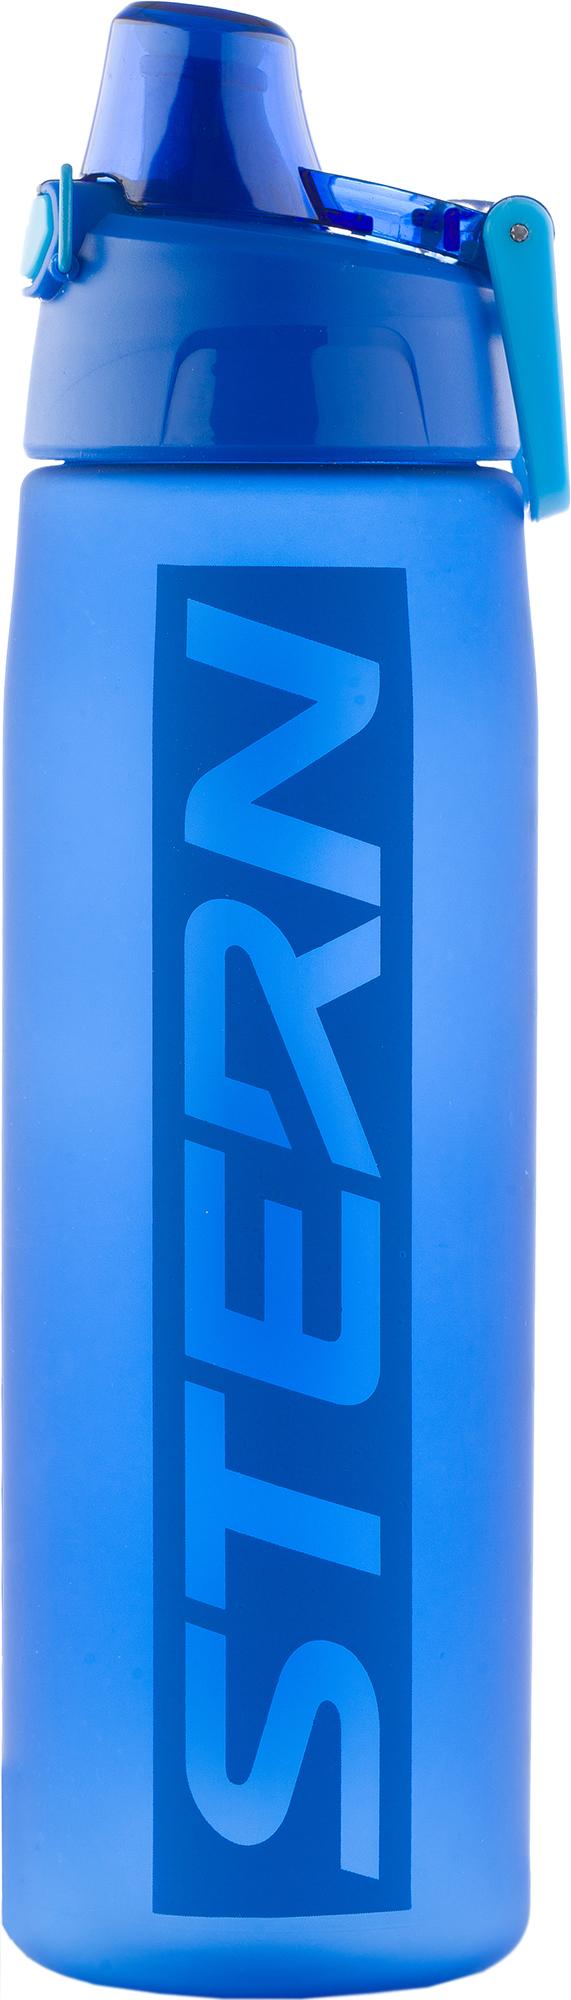 stern насос stern Stern Бутылка для воды Stern